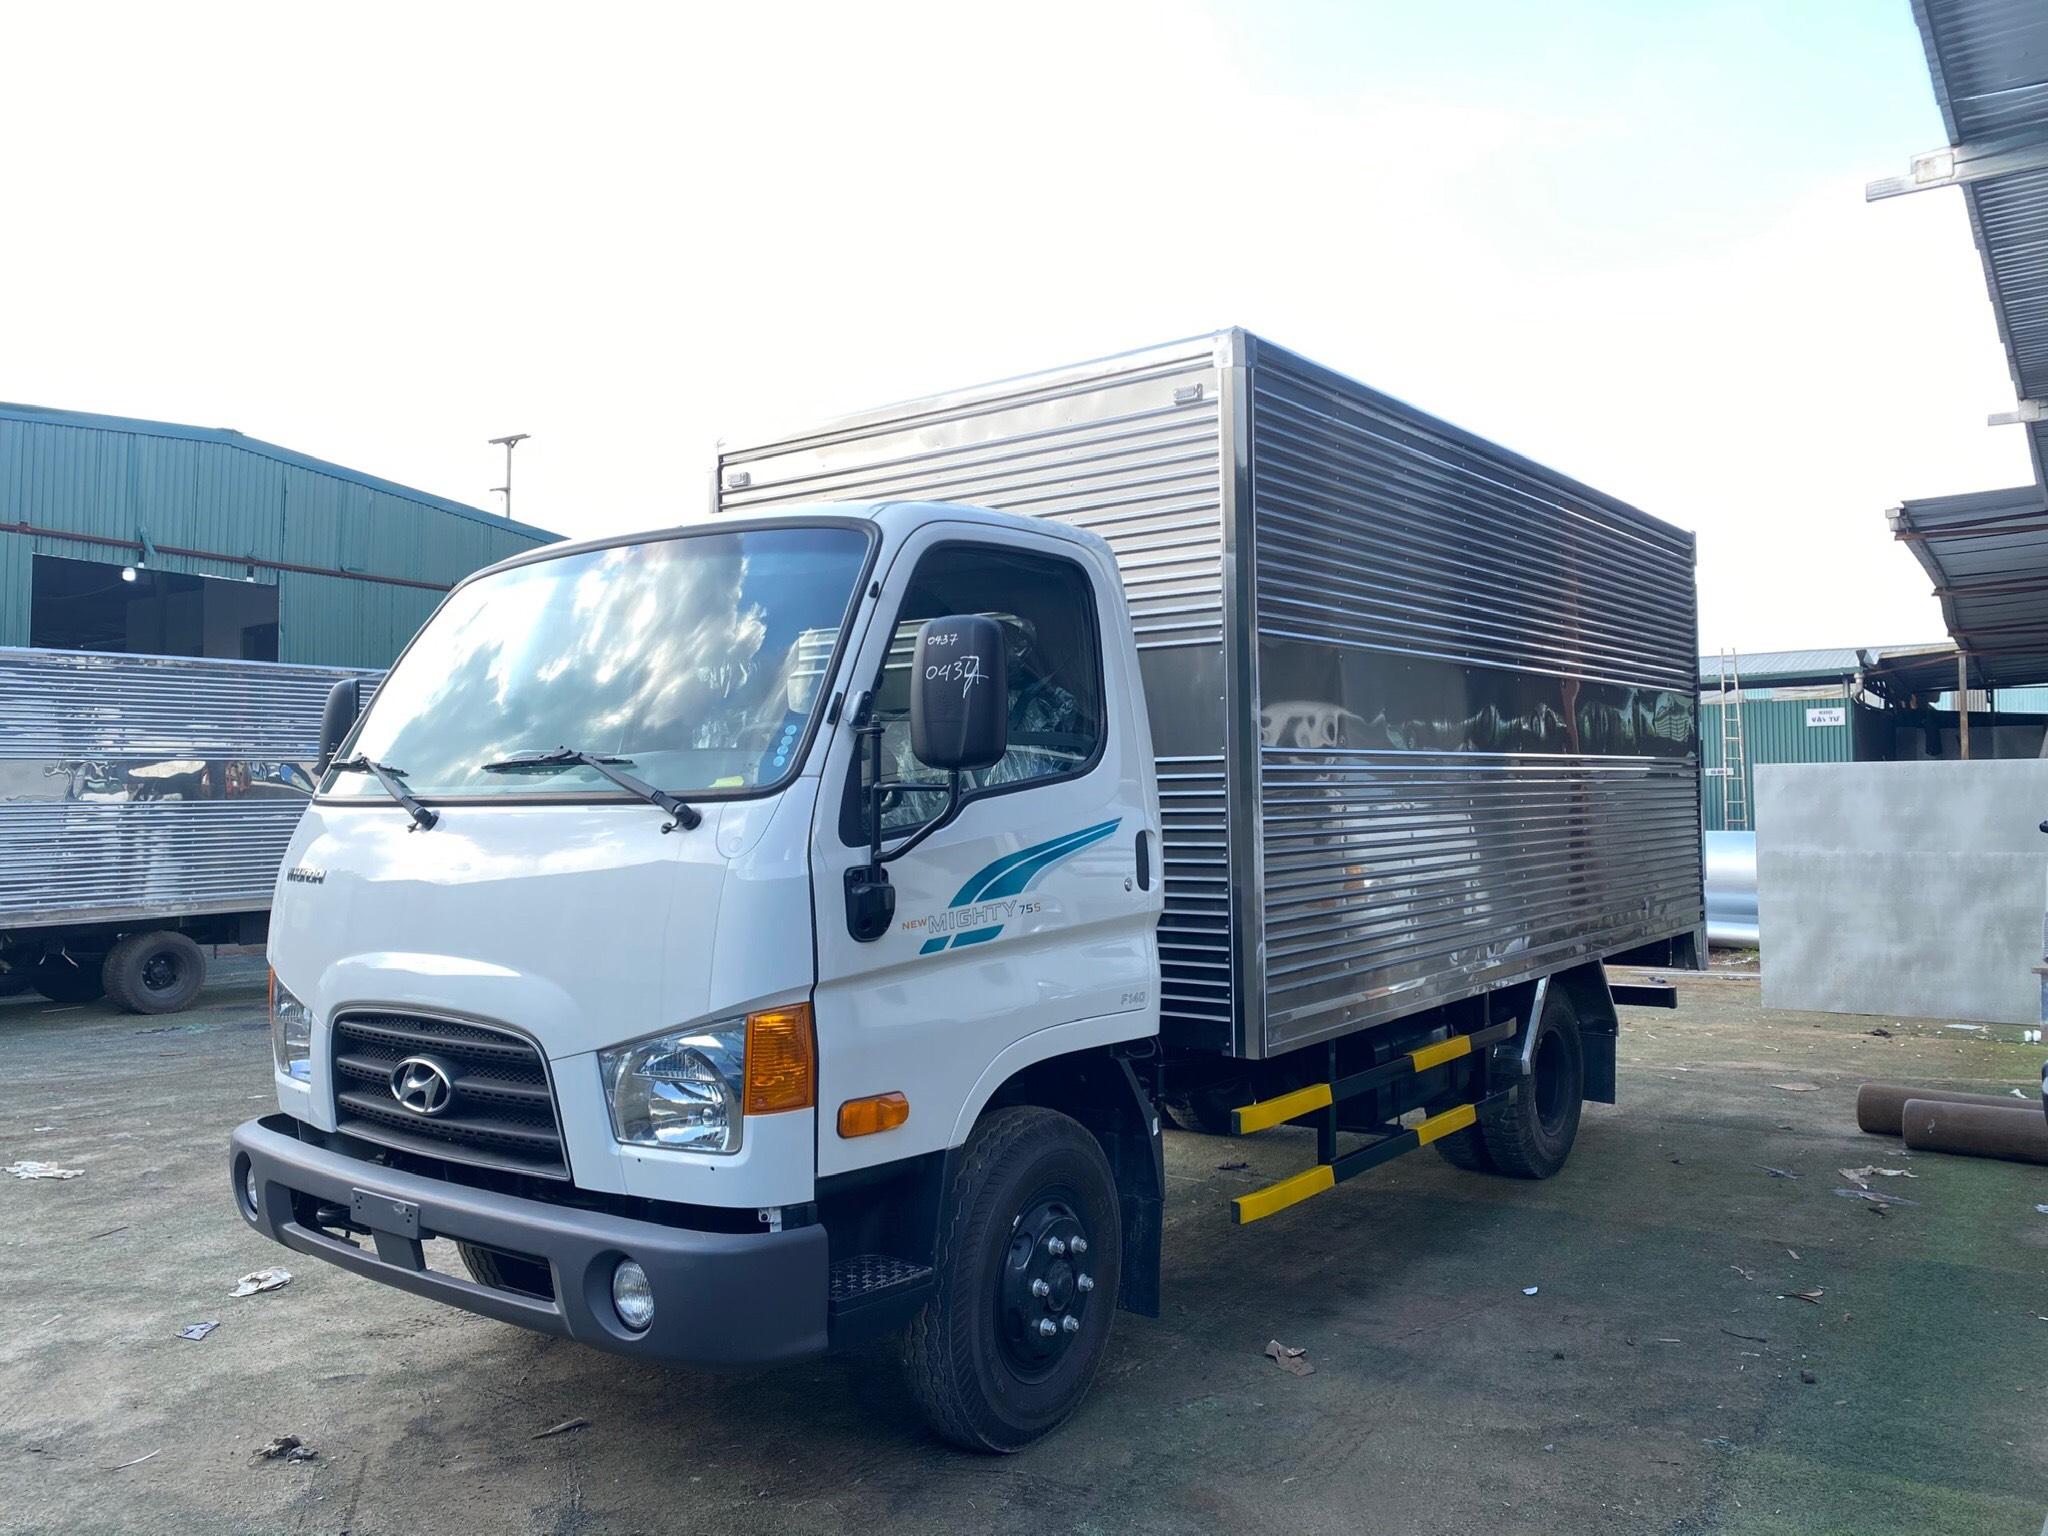 Bán xe tải Hyundai 75S tại Hà Nội